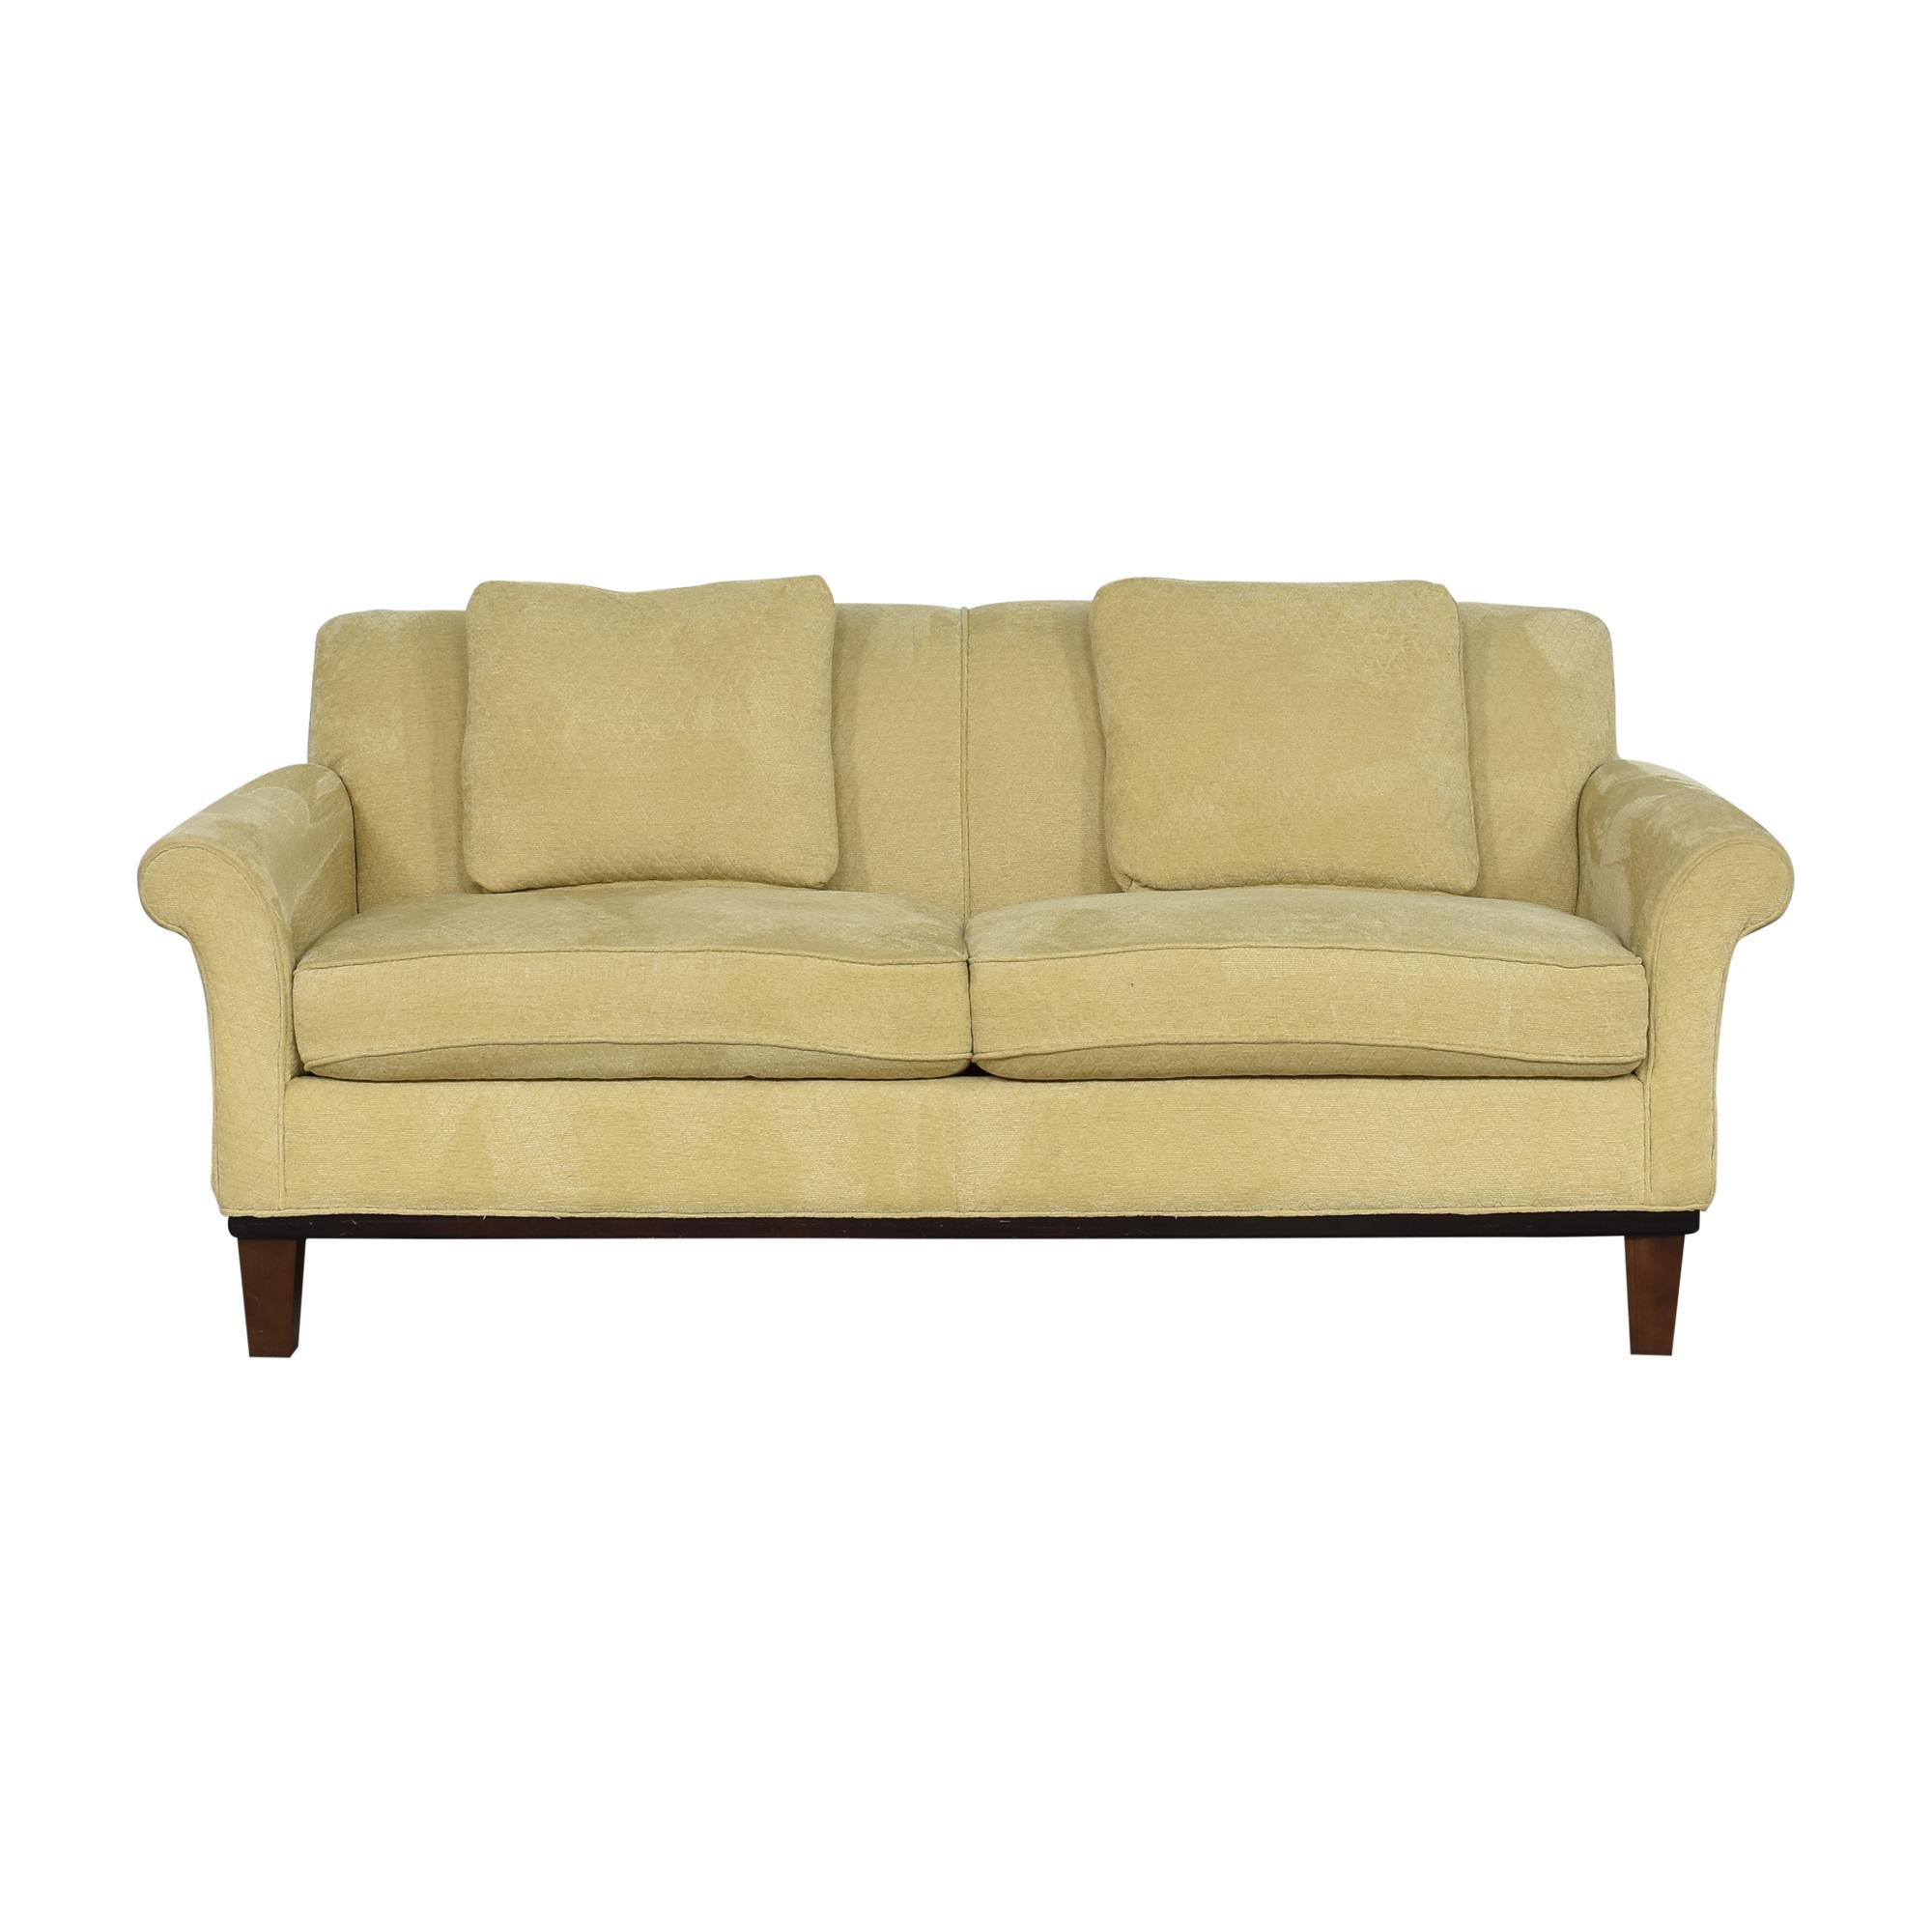 buy Room & Board Room & Board Two Cushion Sofa online